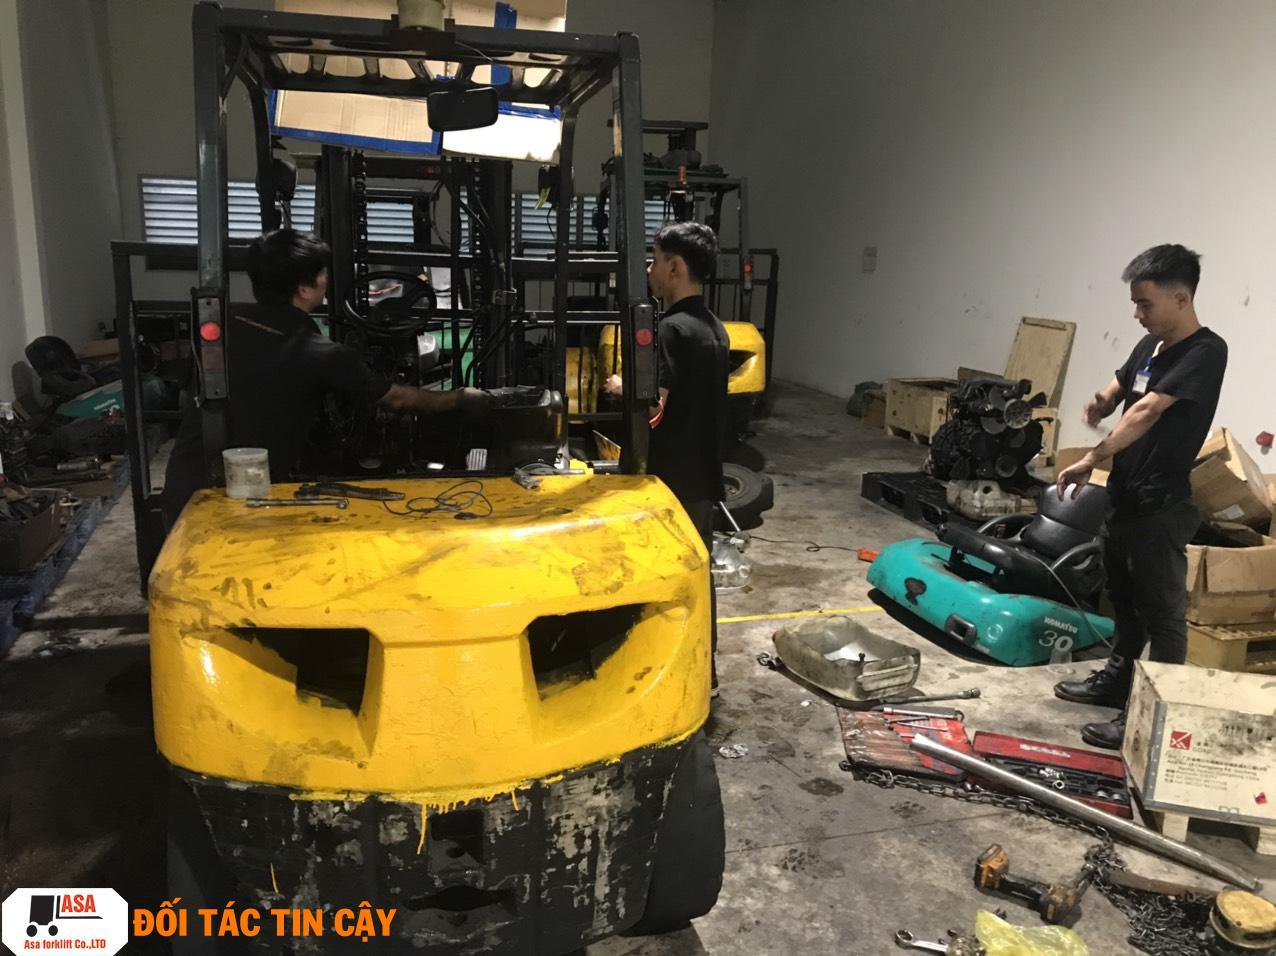 Sửa xe nâng tận nơi, sửa xe nâng nhanh nhất quận Bình Tân